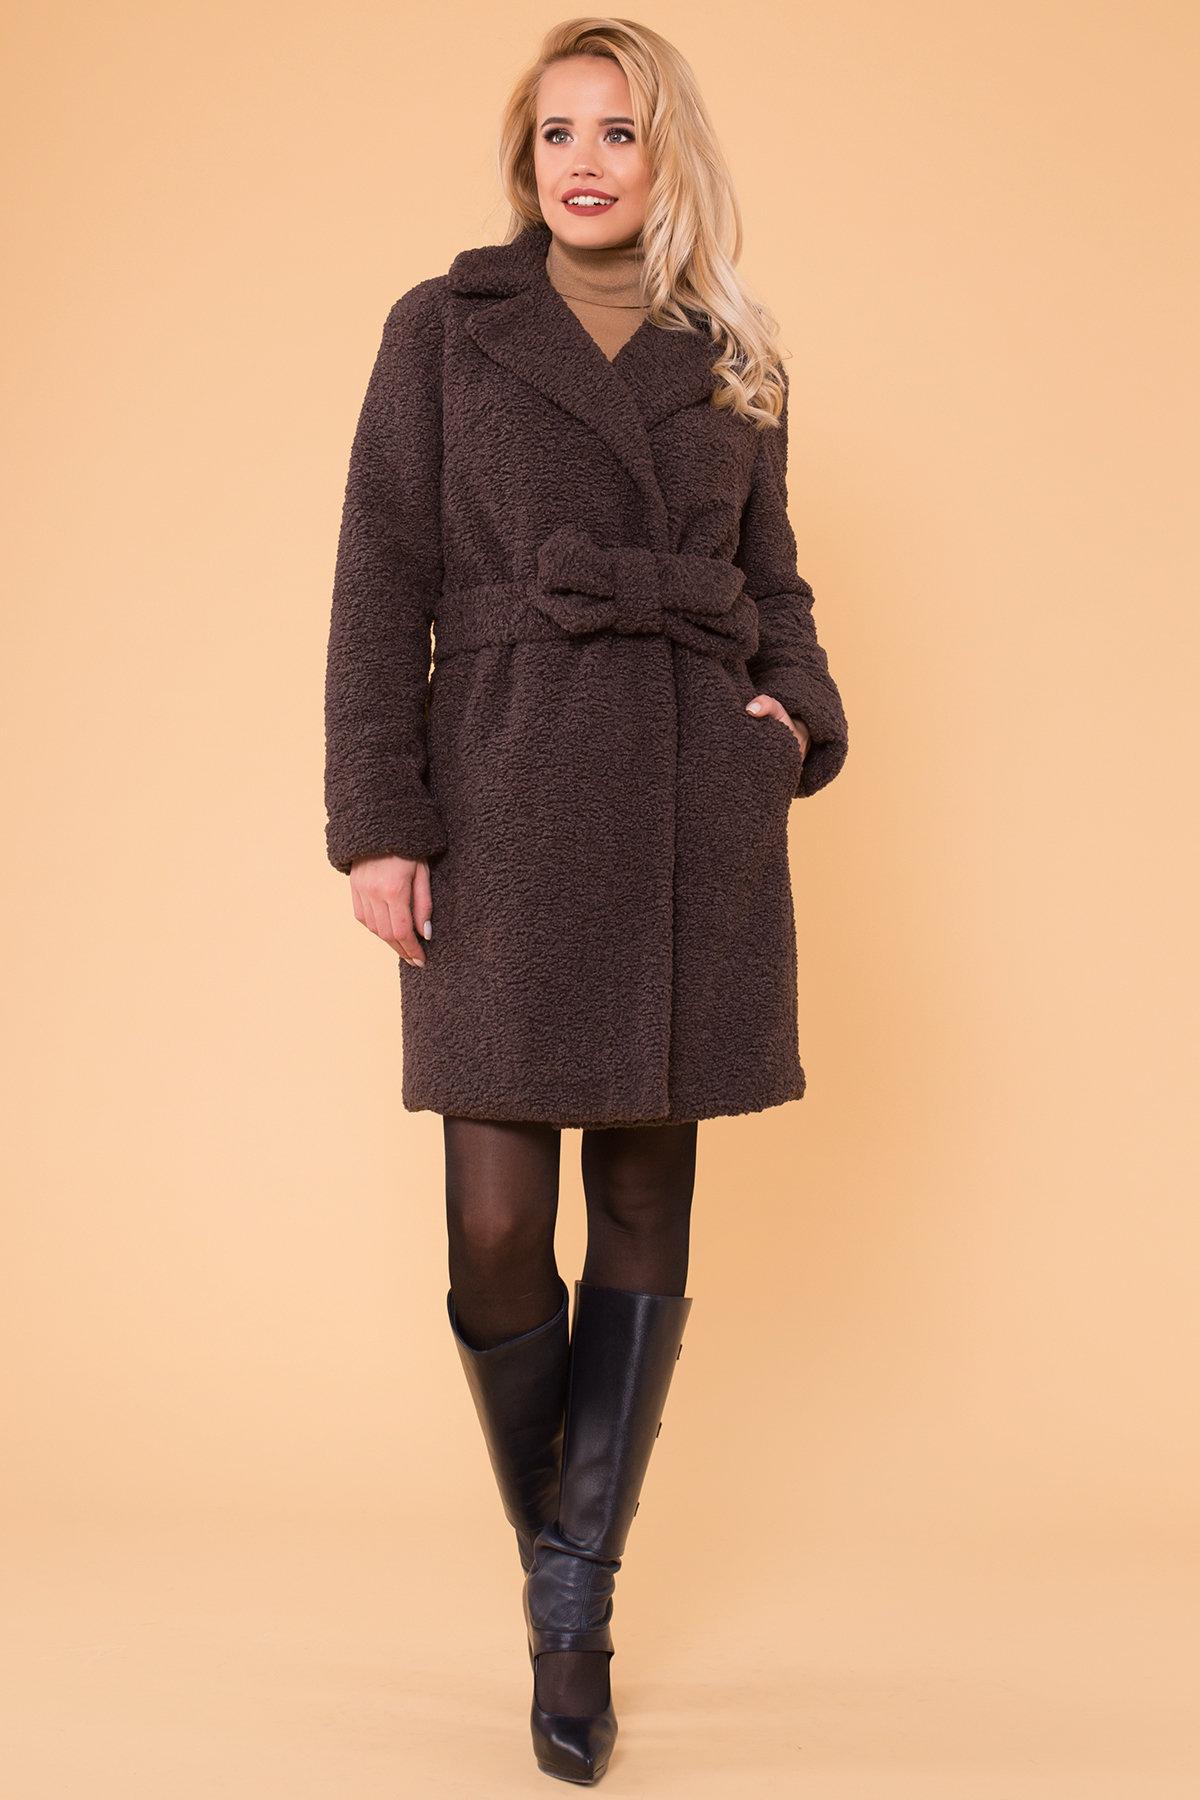 Купить женское зимнее пальто от Modus Пальто меховое зима Приора 6011